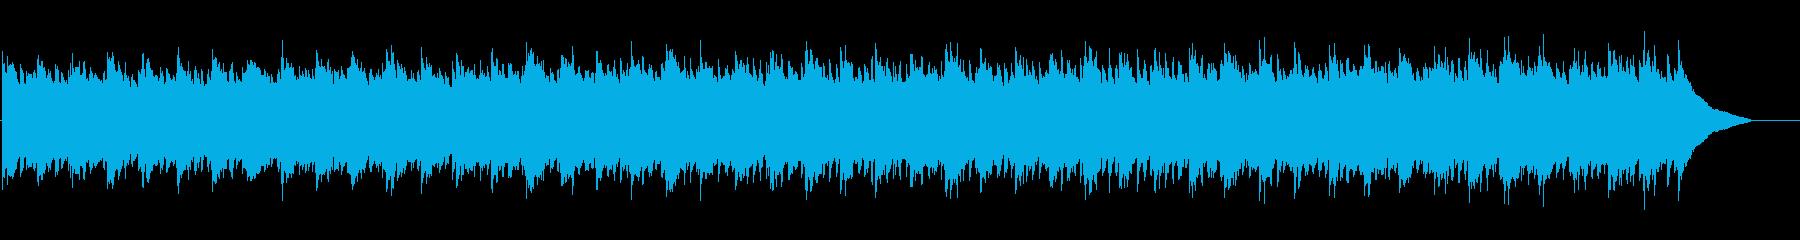 【リズム抜】夏/爽やかなコーポレートの再生済みの波形